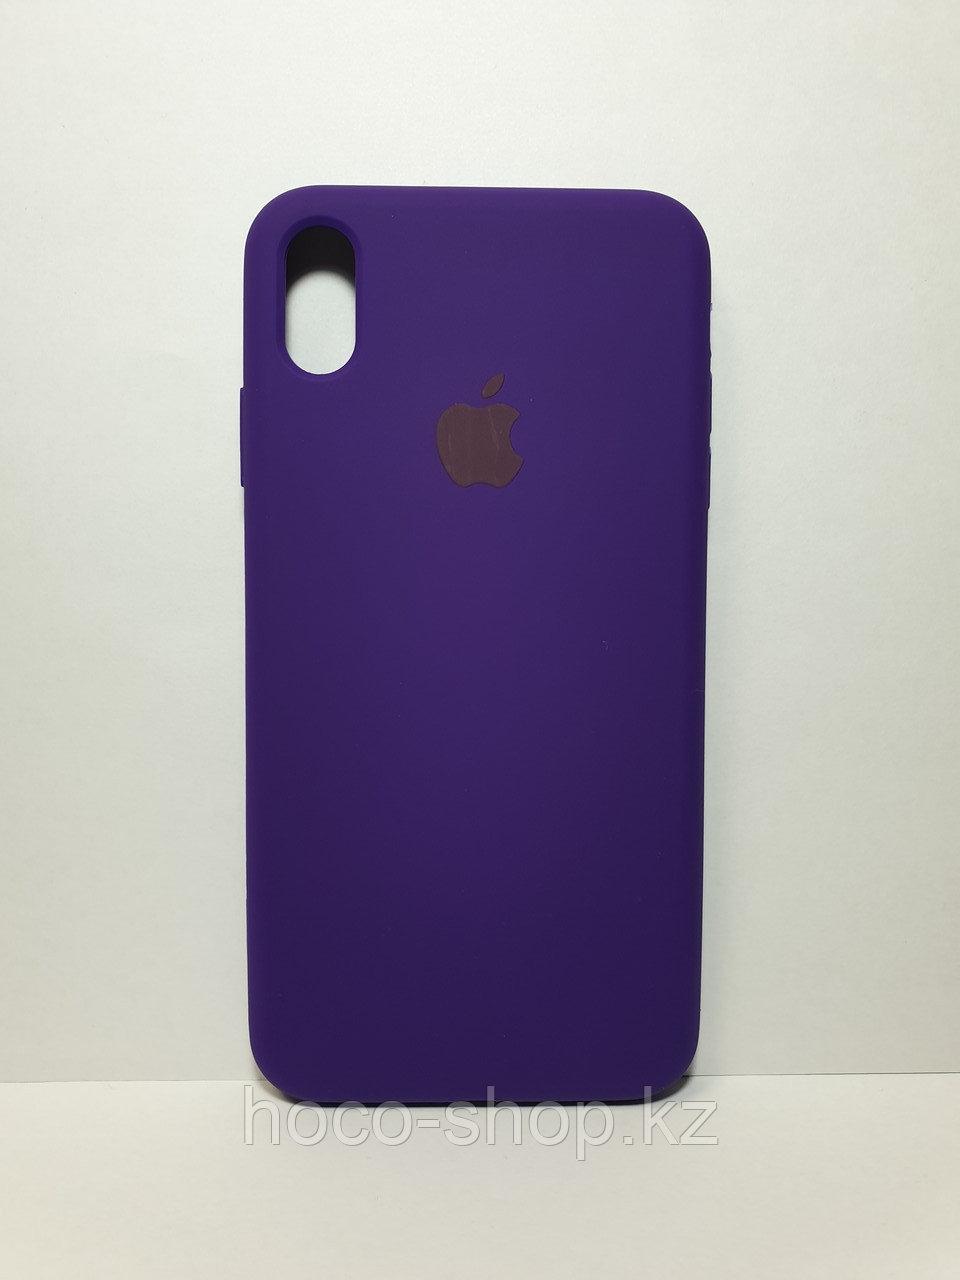 Оригинальный силиконовый чехол iPhone X/Xs